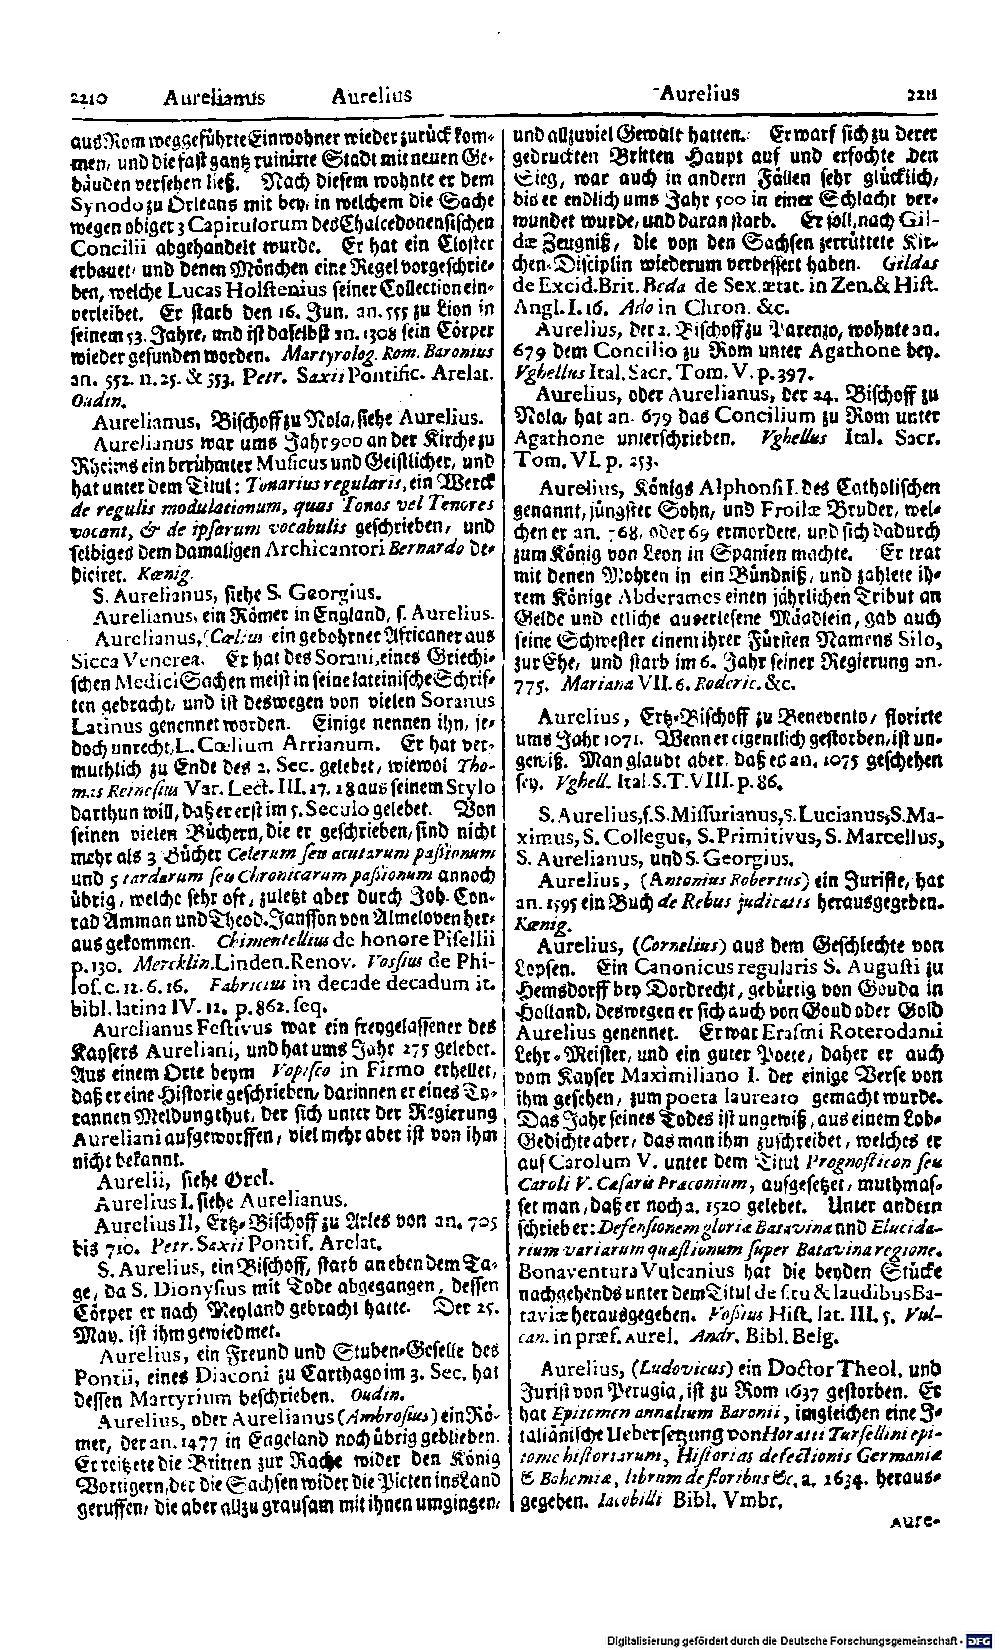 Bd. 2, Seite 1139.